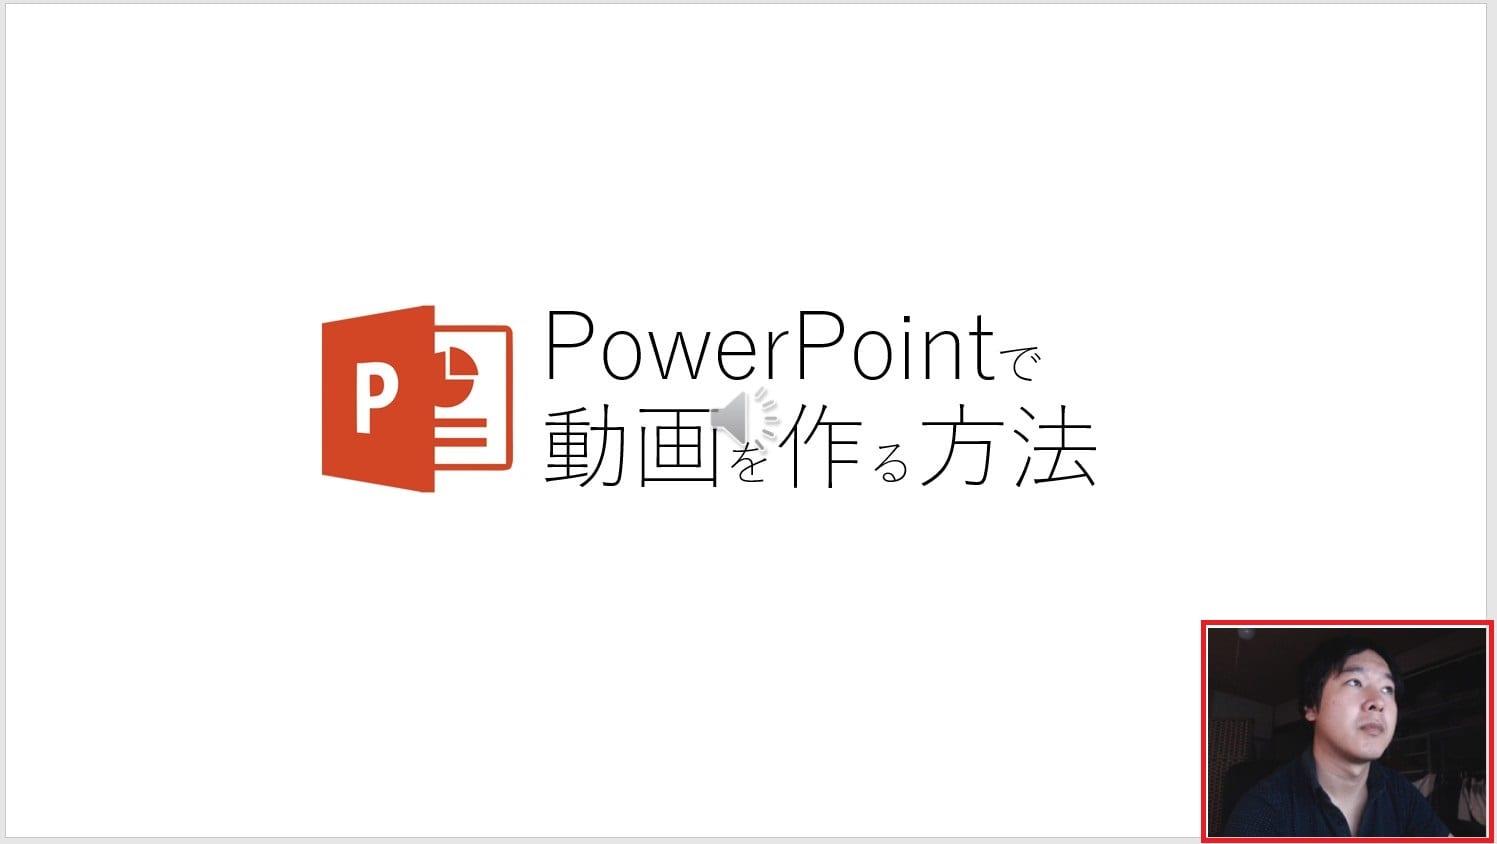 録画データ PowerPointで動画を作る方法